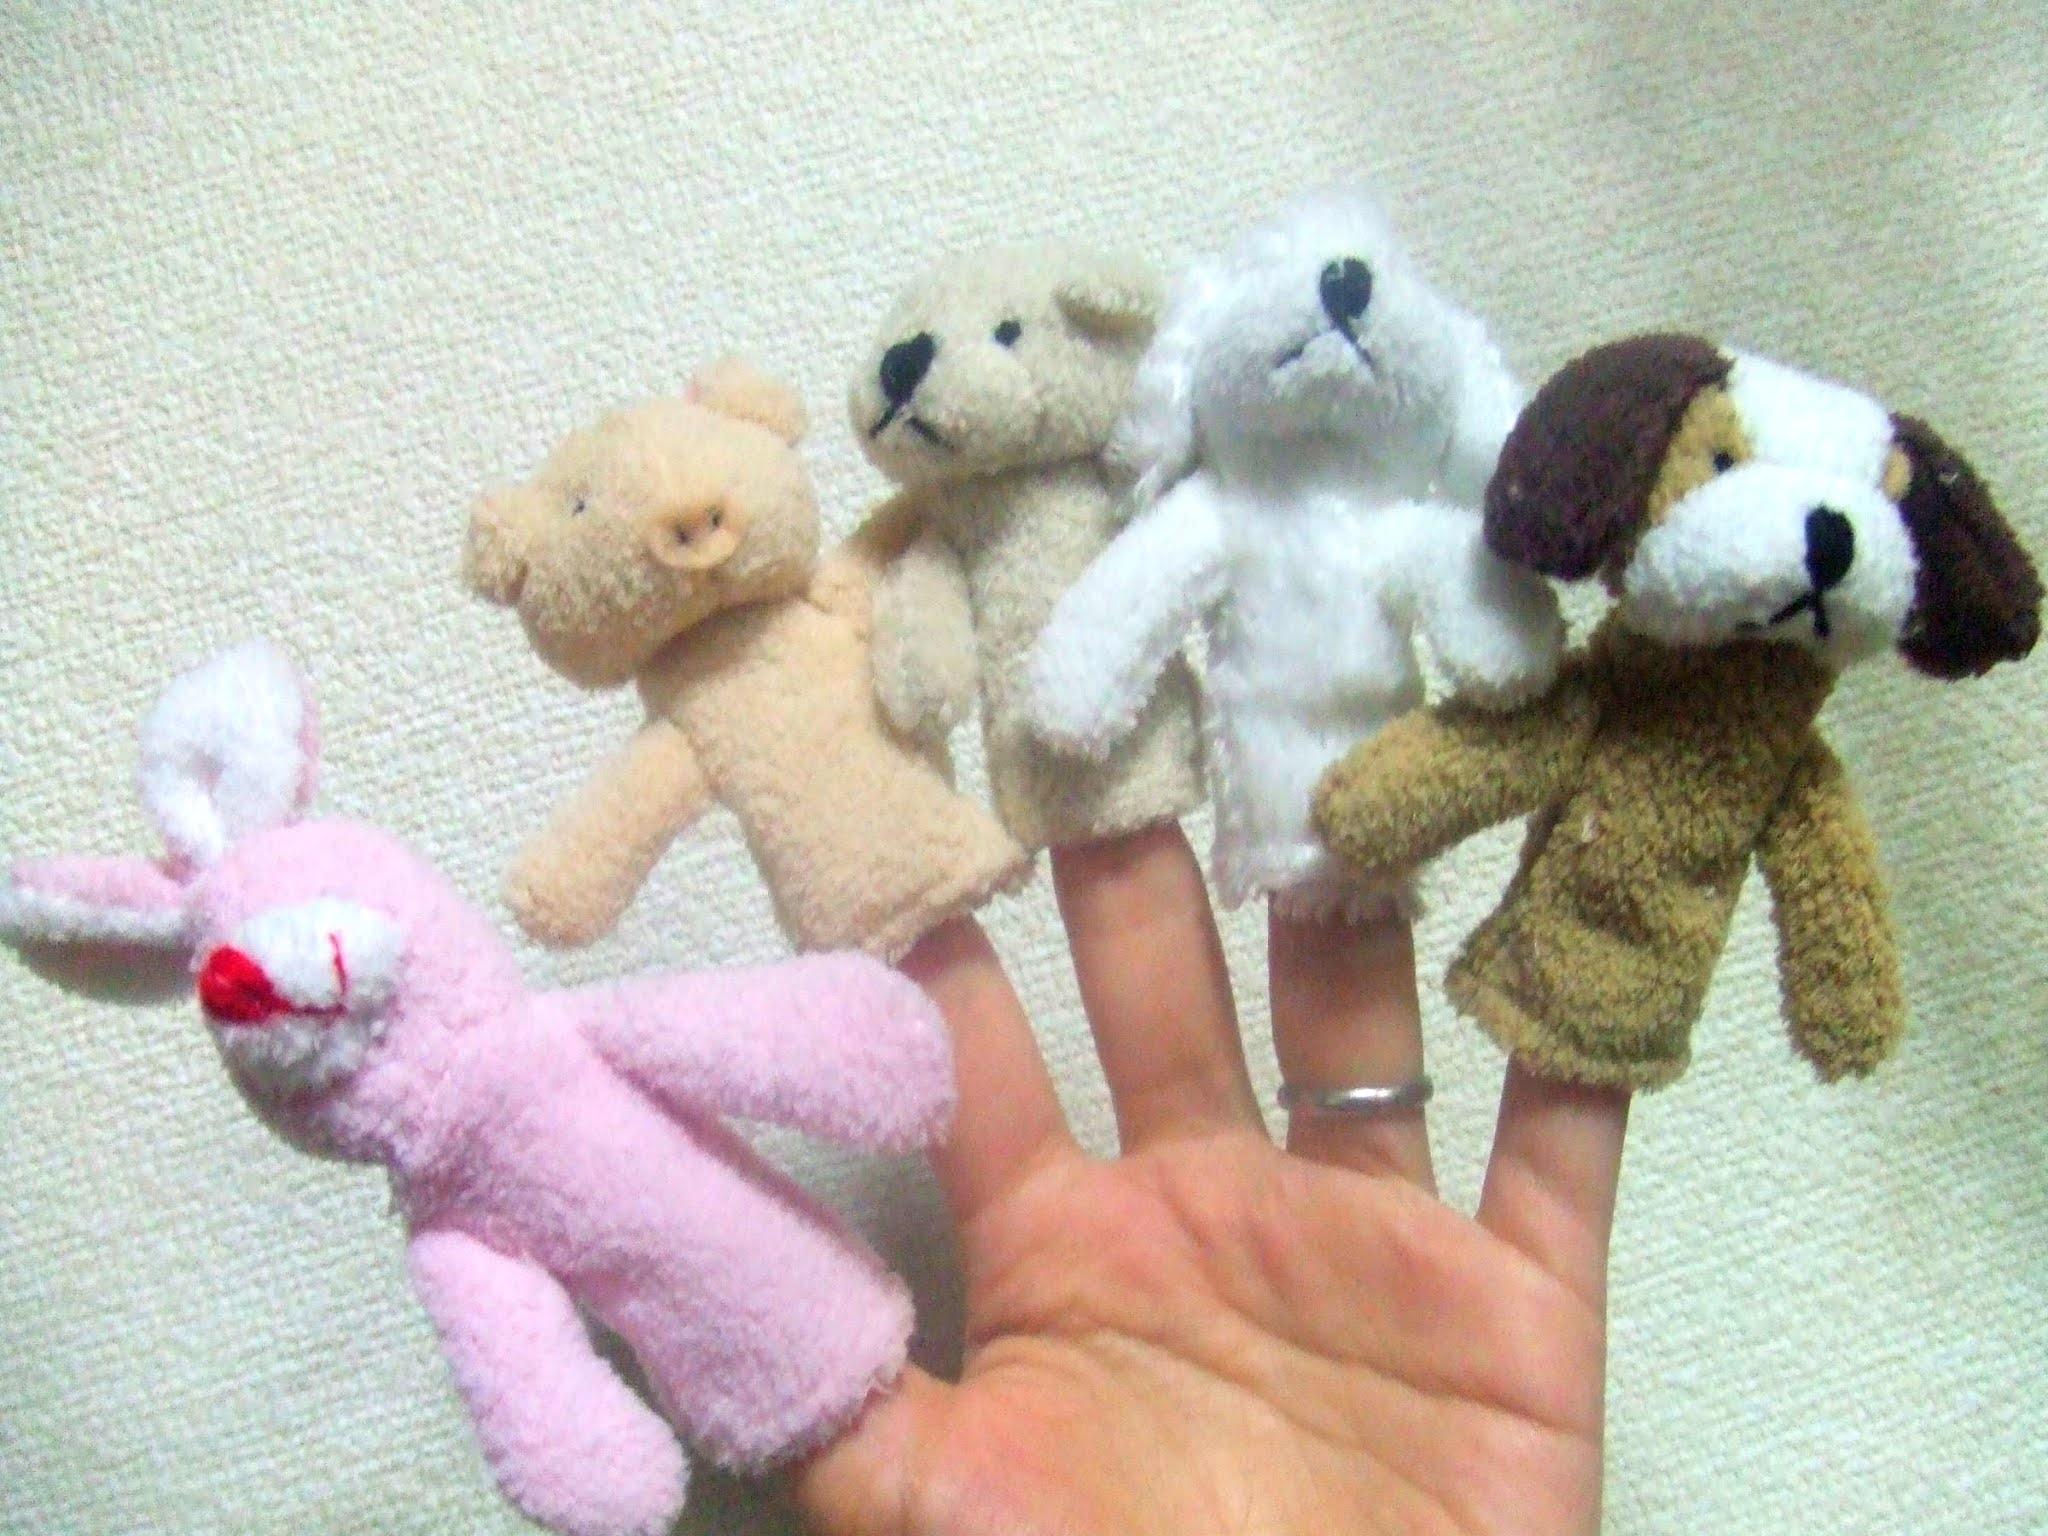 うさぎ、いぬ、ブタ、クマのぬいぐるみの指人形の写真素材です。兎 犬 豚 熊 くま ぶた